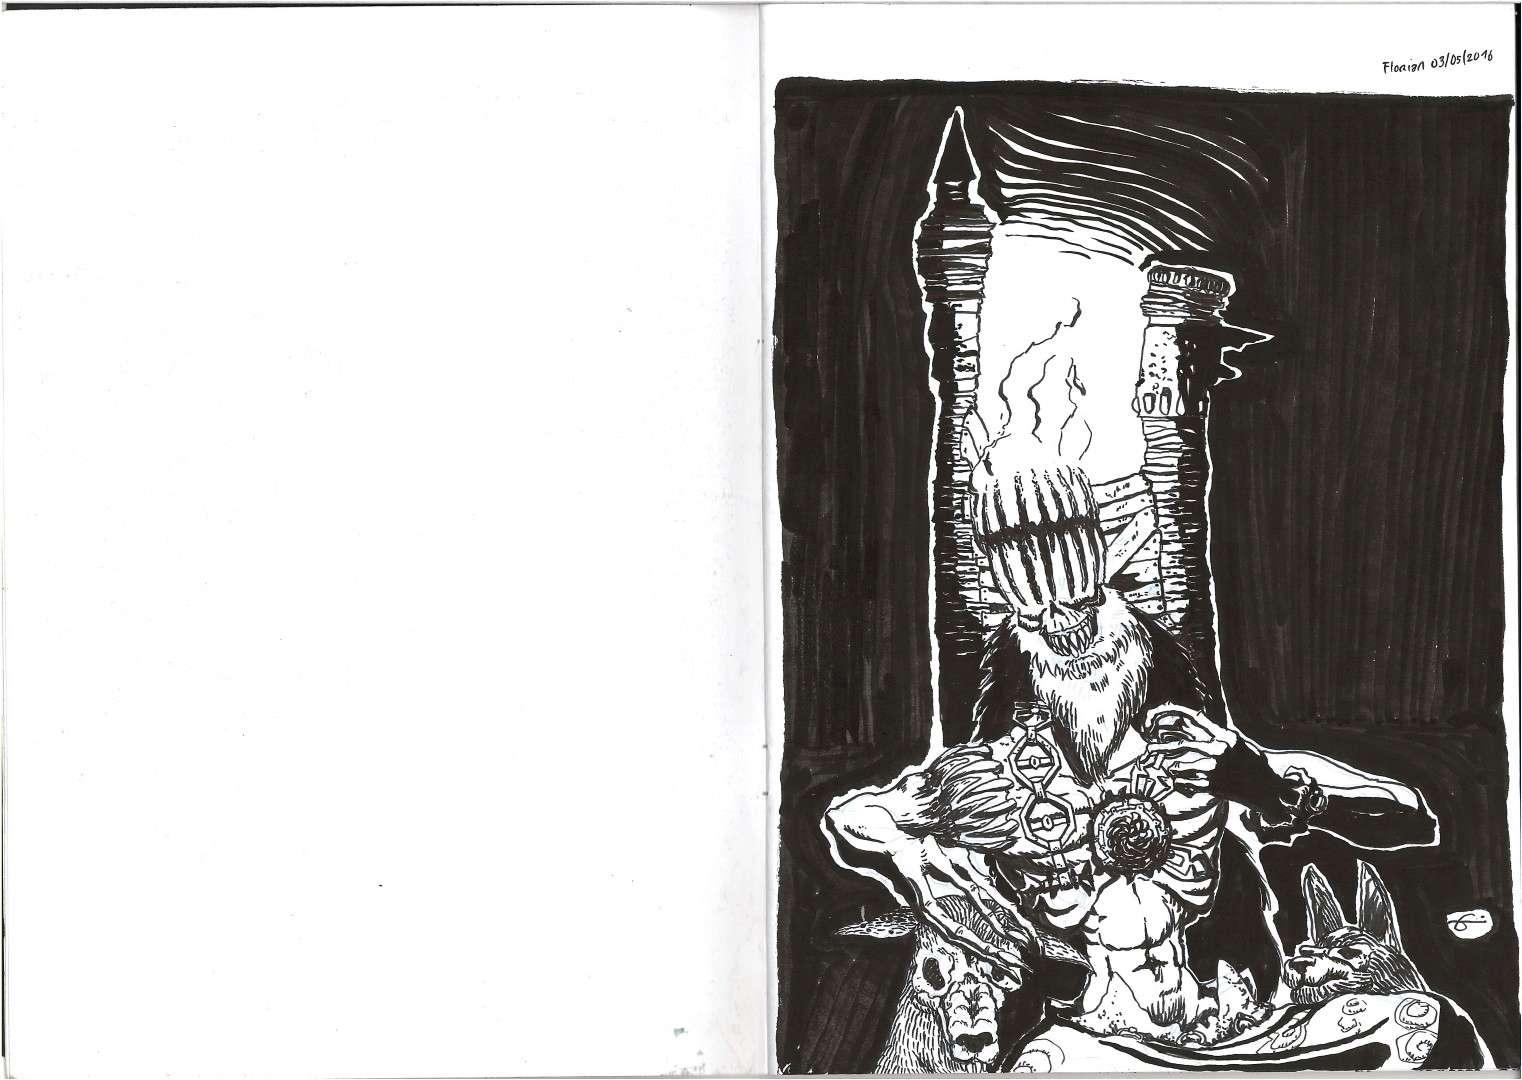 [defis] Un carnet collectif? Projet : IMaginarium - Page 17 P4_lar11